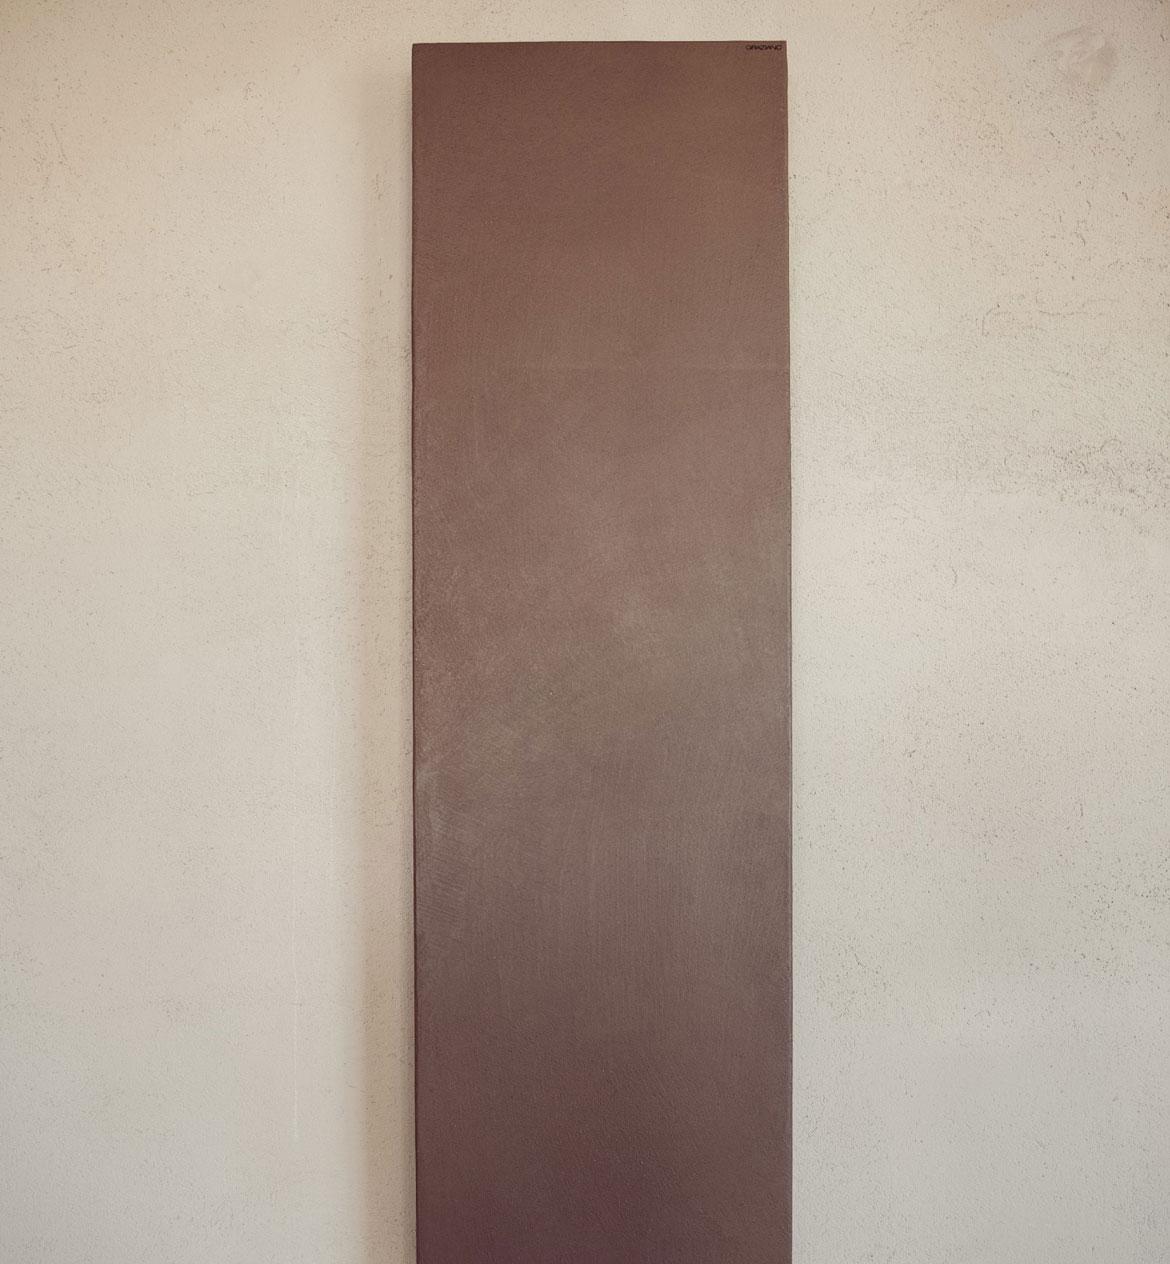 Radiateur-santorini-a-plaque de résine à effet de pierre graziano